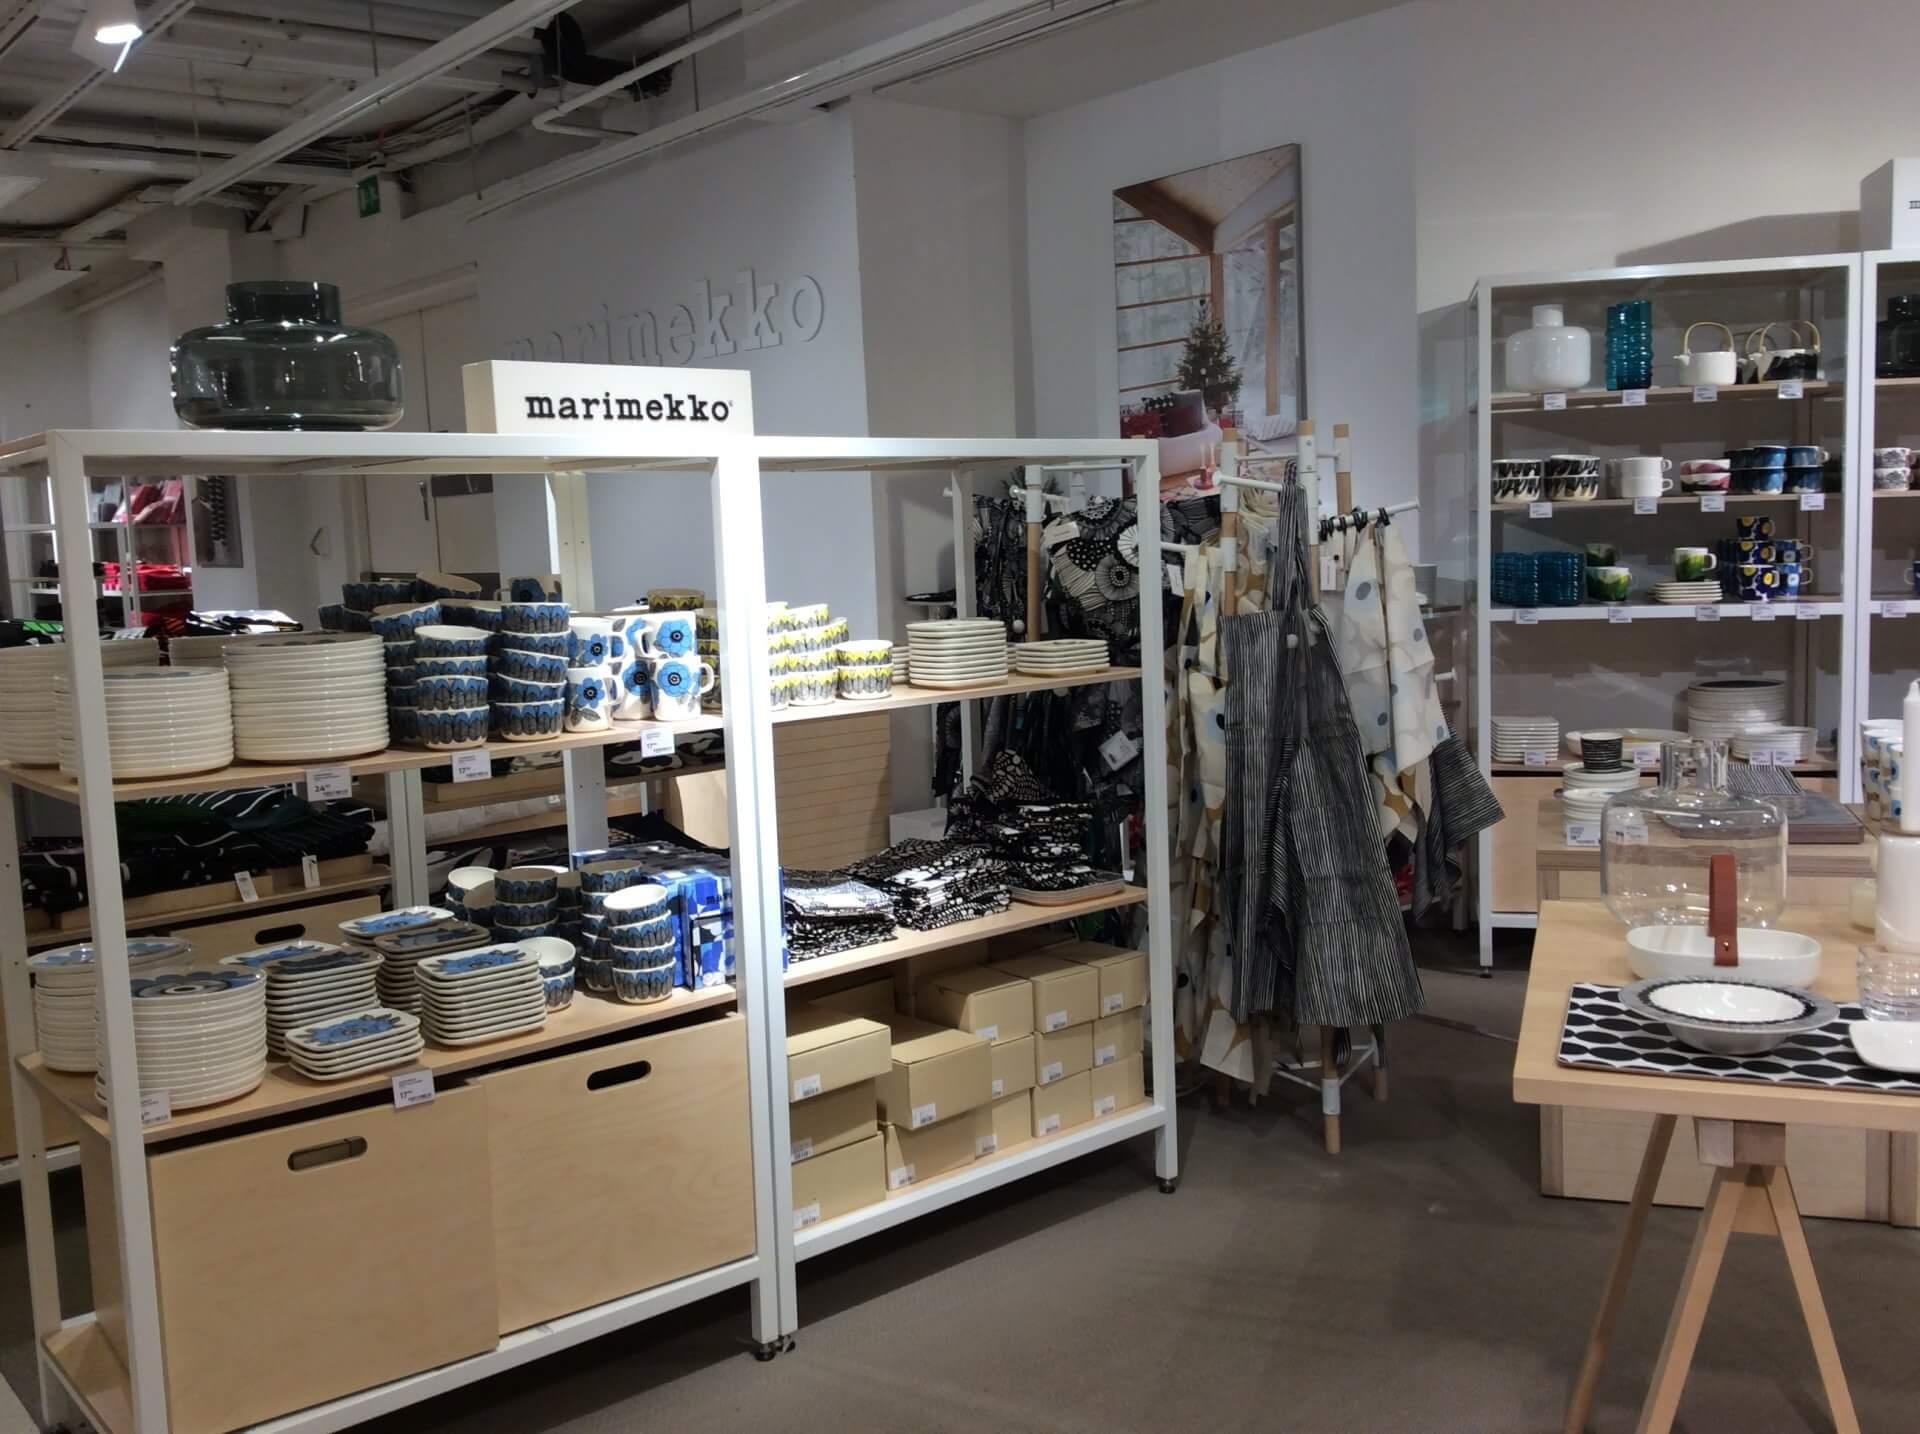 ストックマン5Fにあるマリメッコ店舗。充実した売り場を展開している